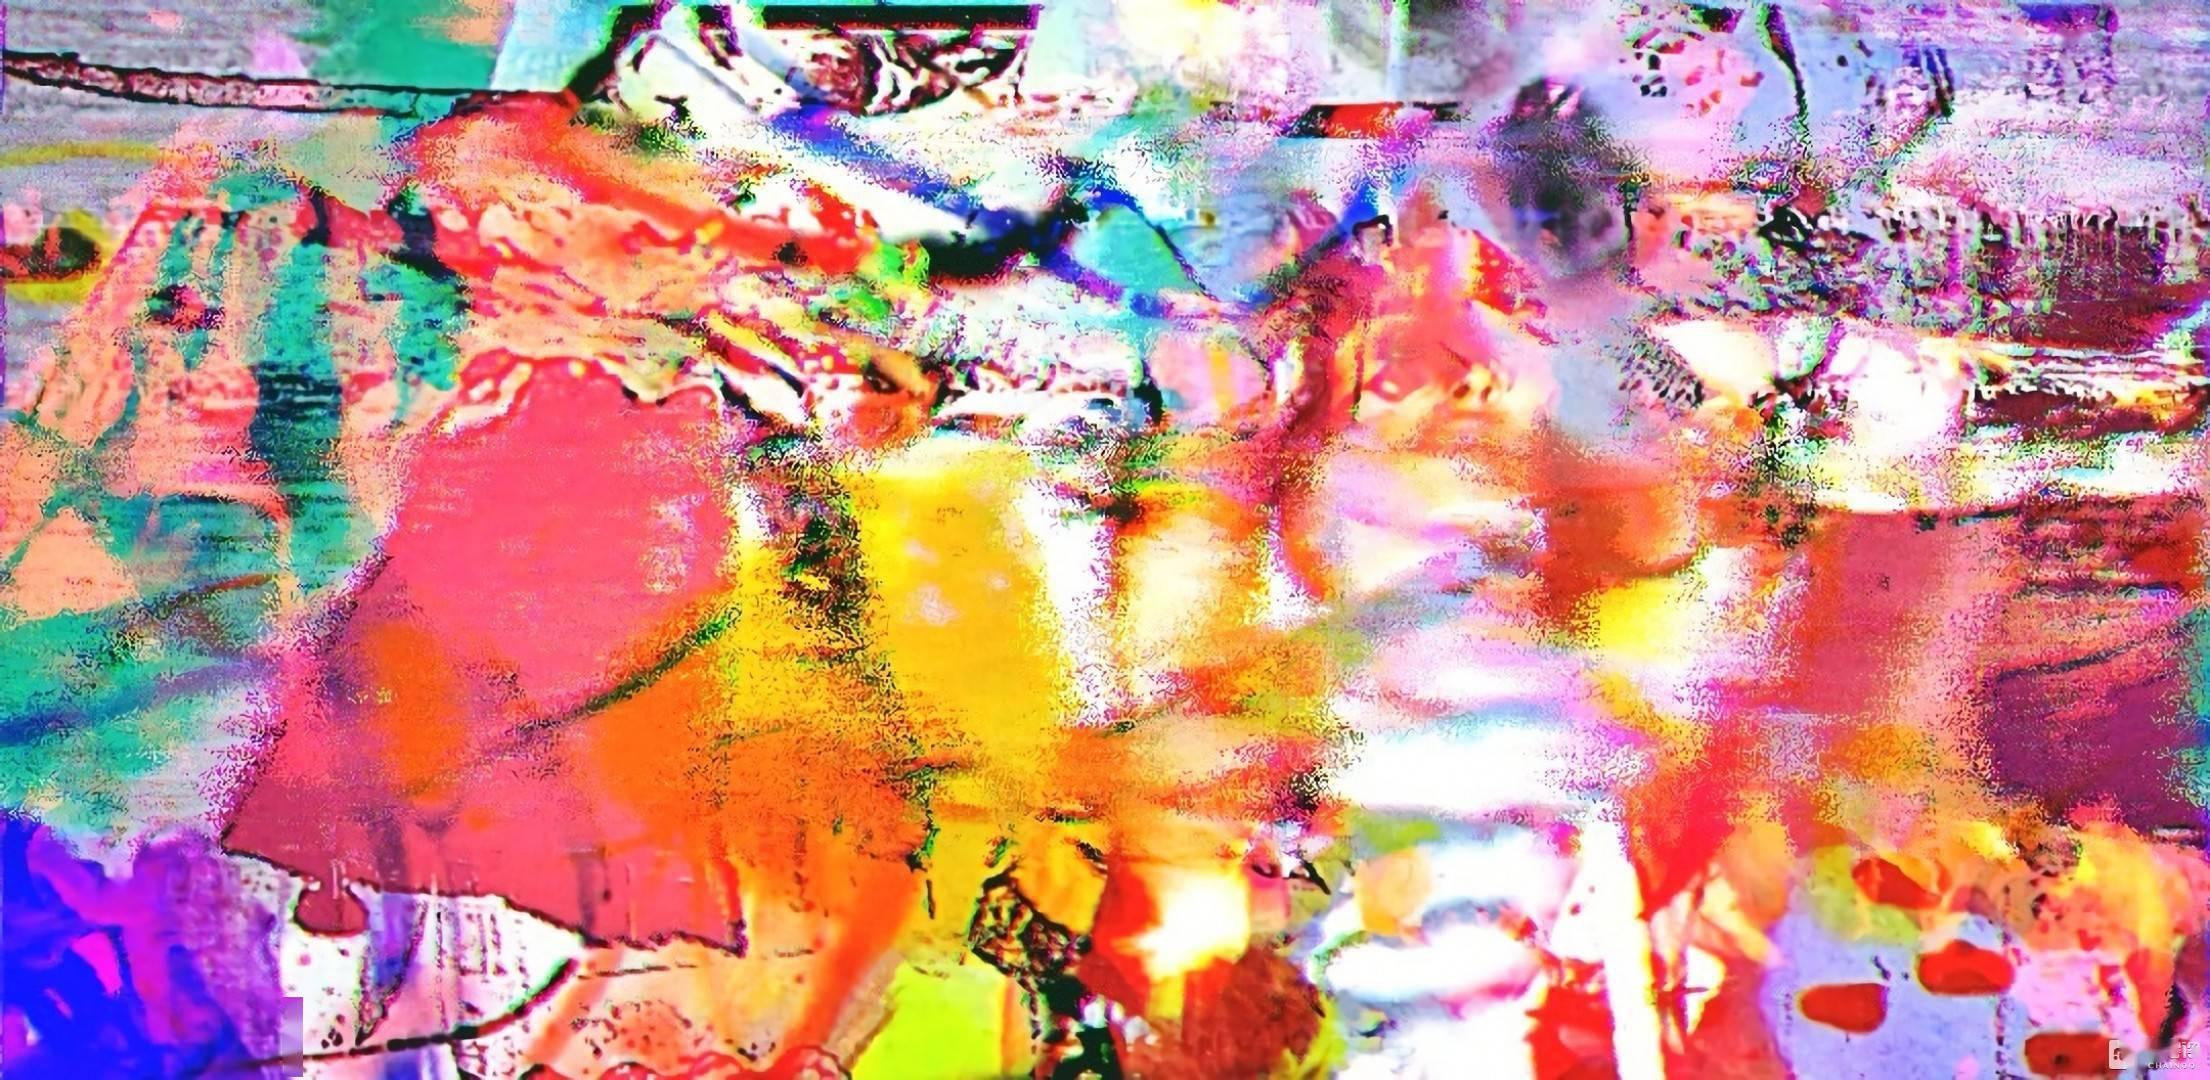 """《艺术的此岸与彼岸》:""""赛博北京·数字艺术节""""拍卖会参拍作品预告  第5张 《艺术的此岸与彼岸》:""""赛博北京·数字艺术节""""拍卖会参拍作品预告 币圈信息"""